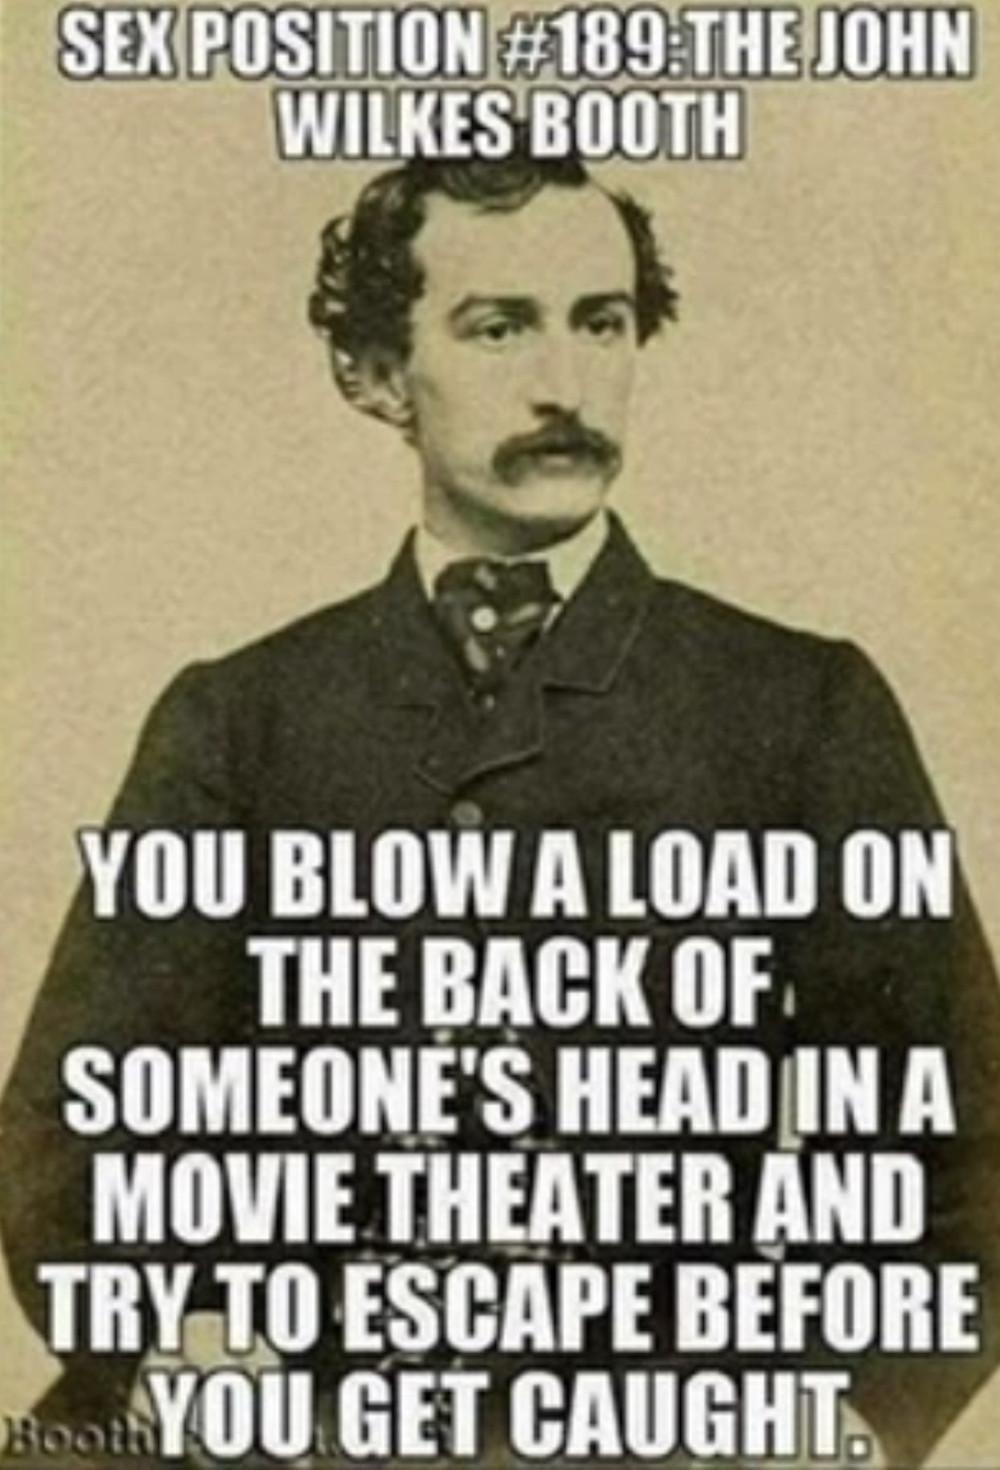 John Wilkes Booth Meme